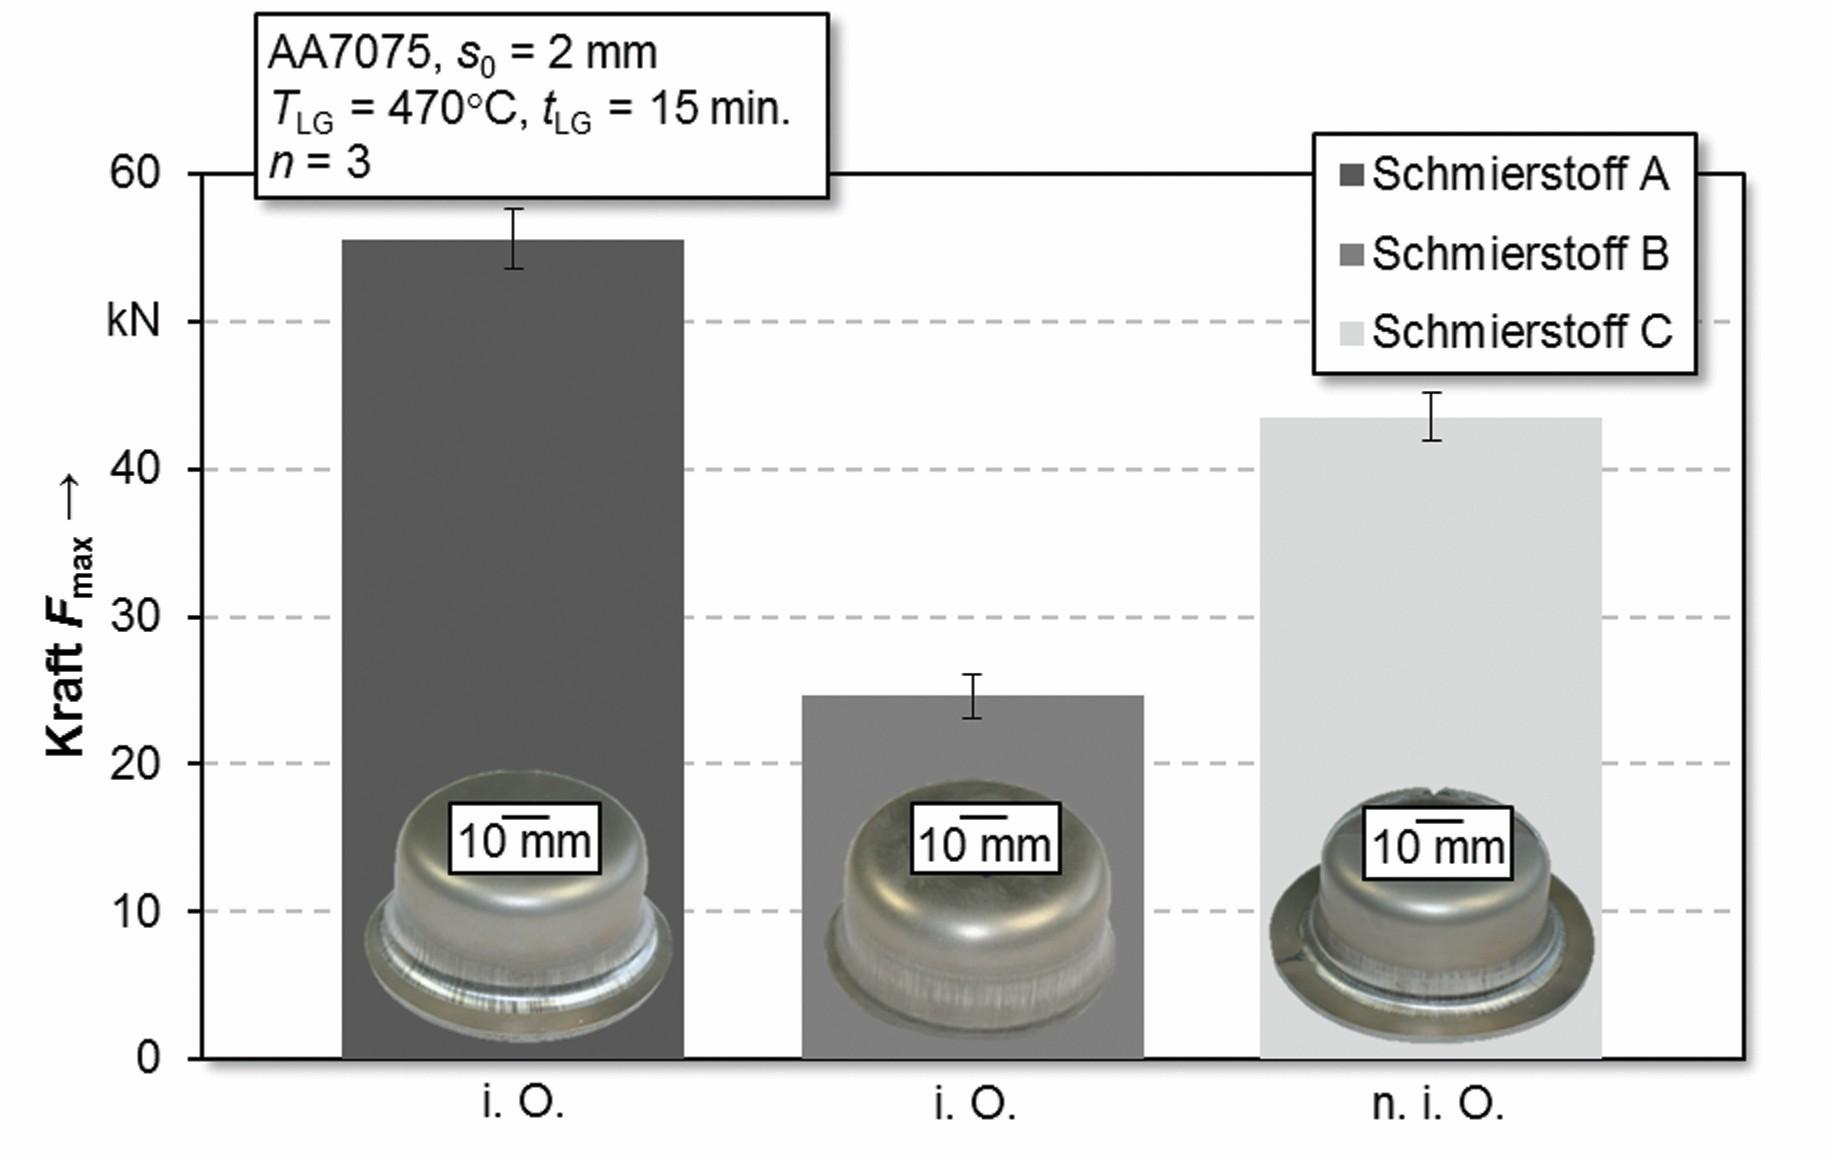 Bild 3: Resultierende maximale Kräfte im Napfzugversuch unter Verwendung der Schmierstoffe A, B und C. (Bild: FAU Erlangen)